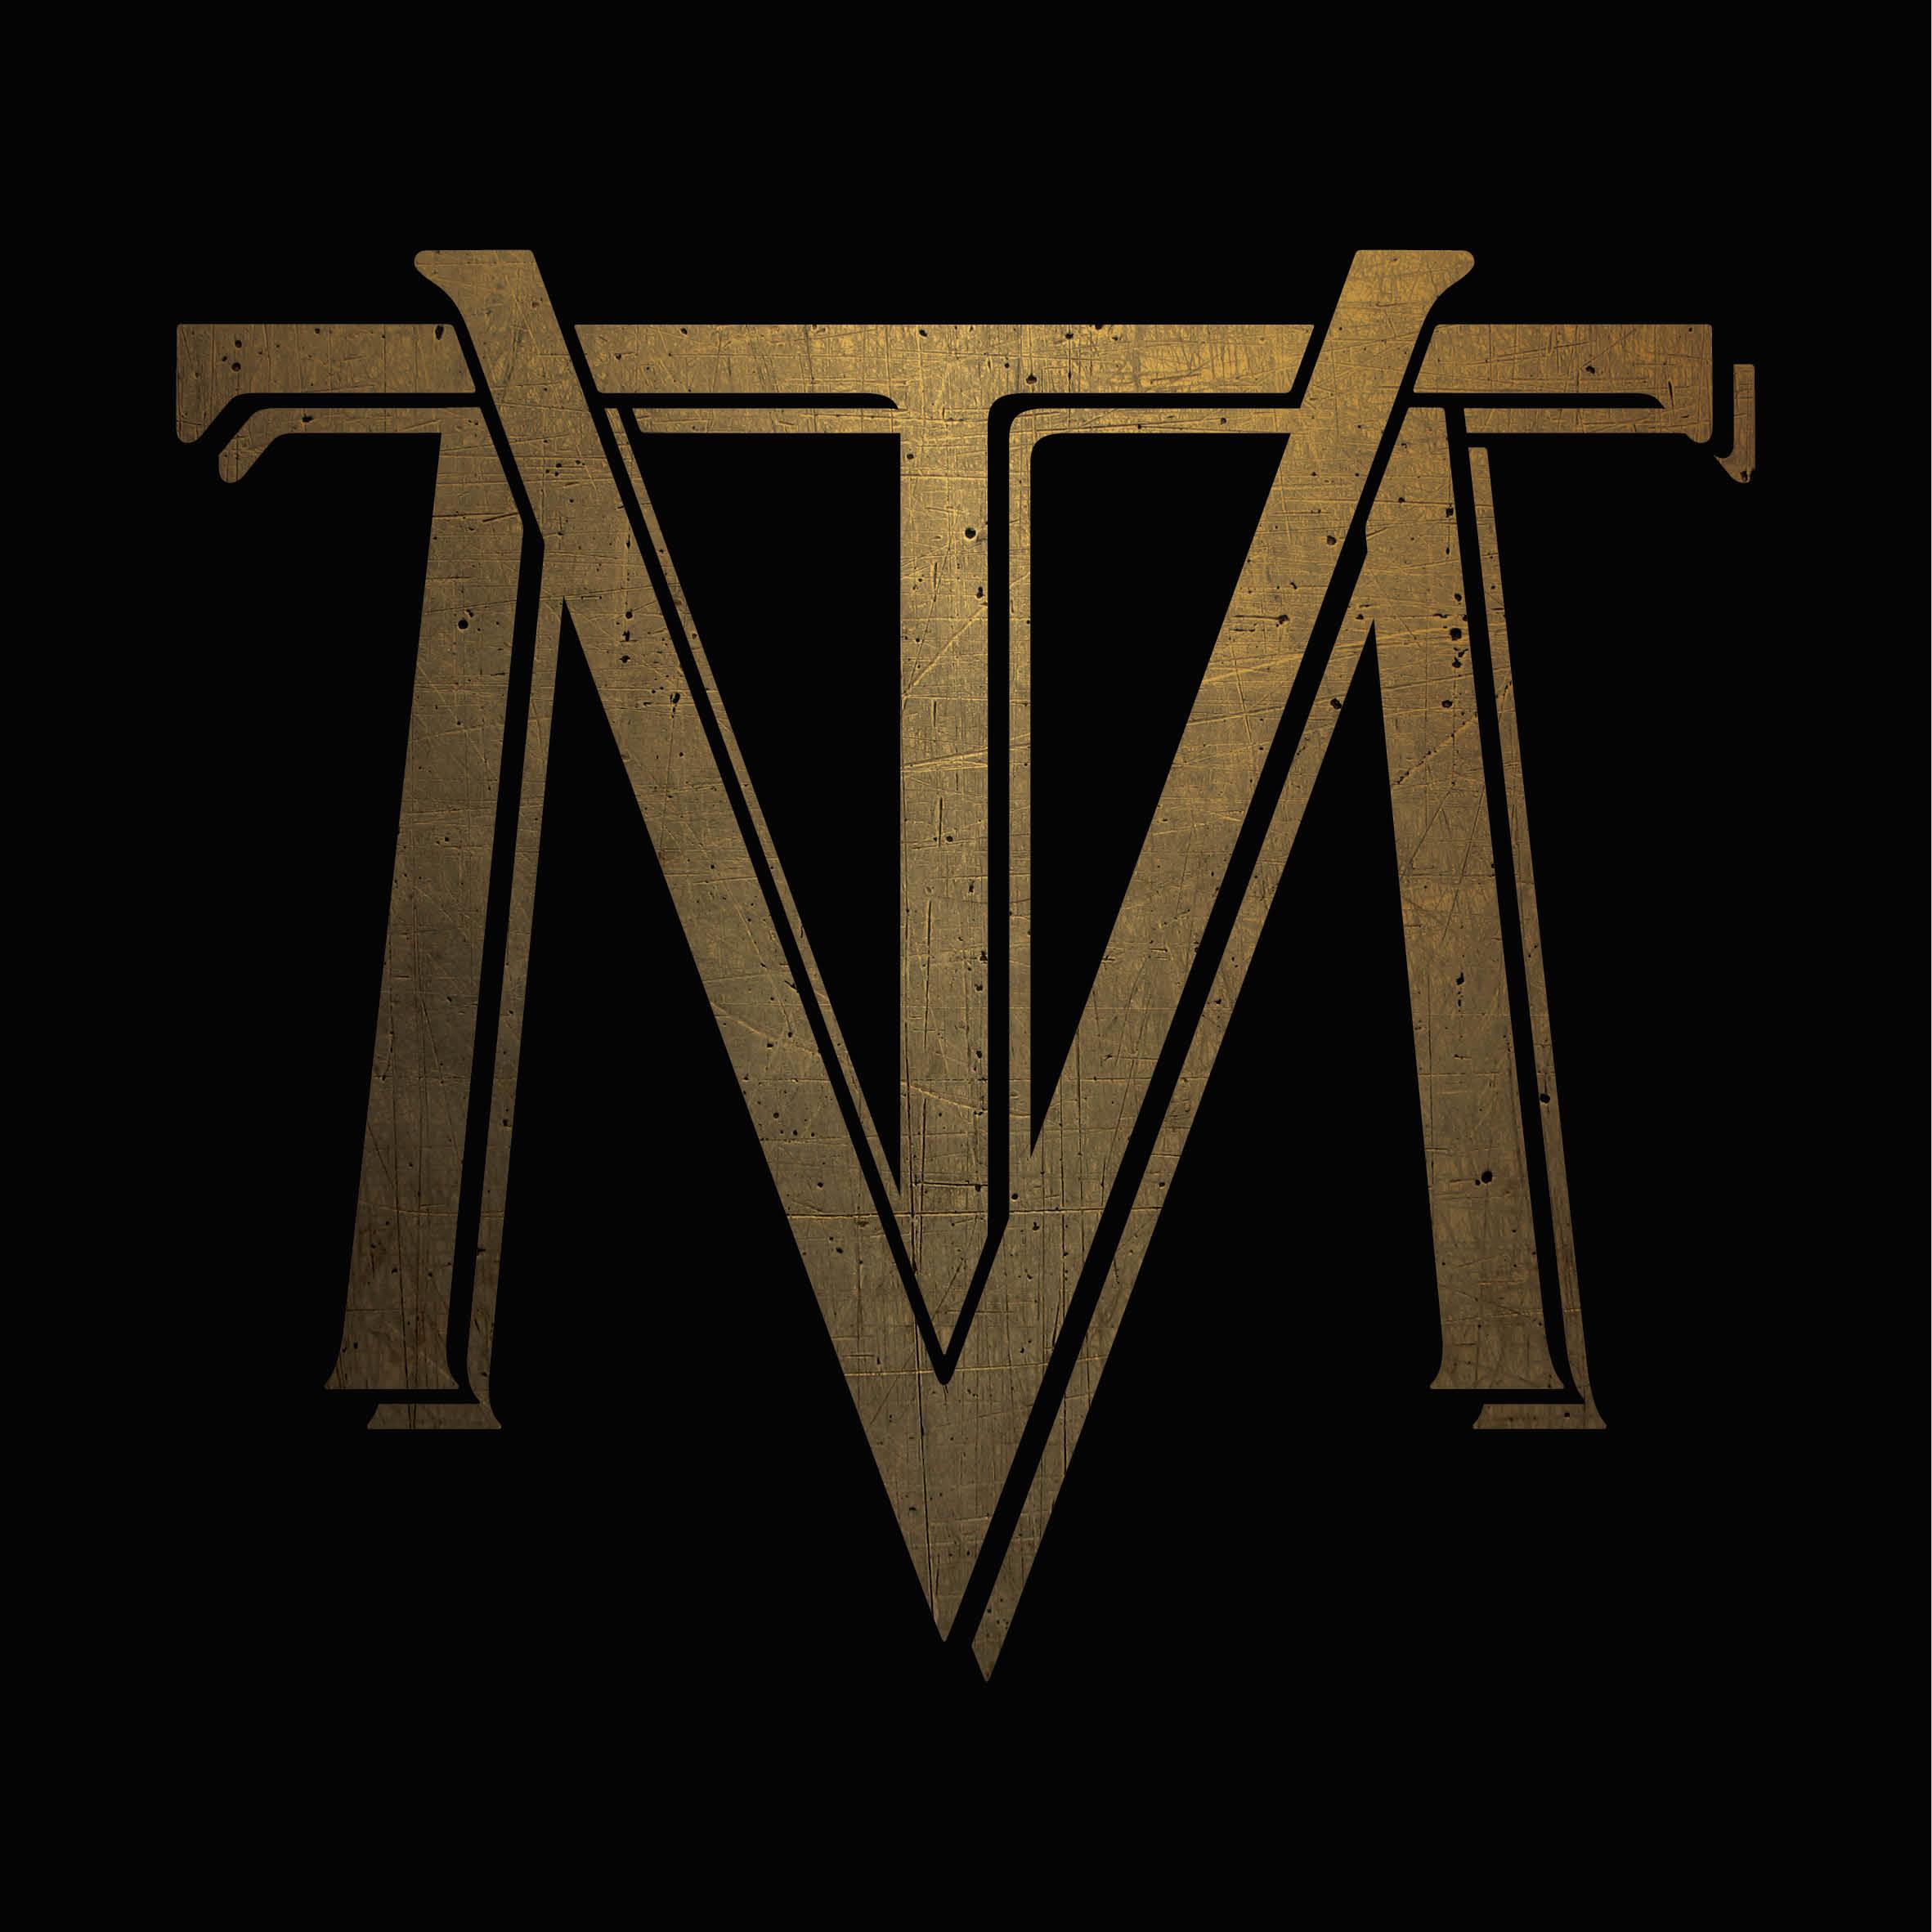 The Virgin Mary Bar logo